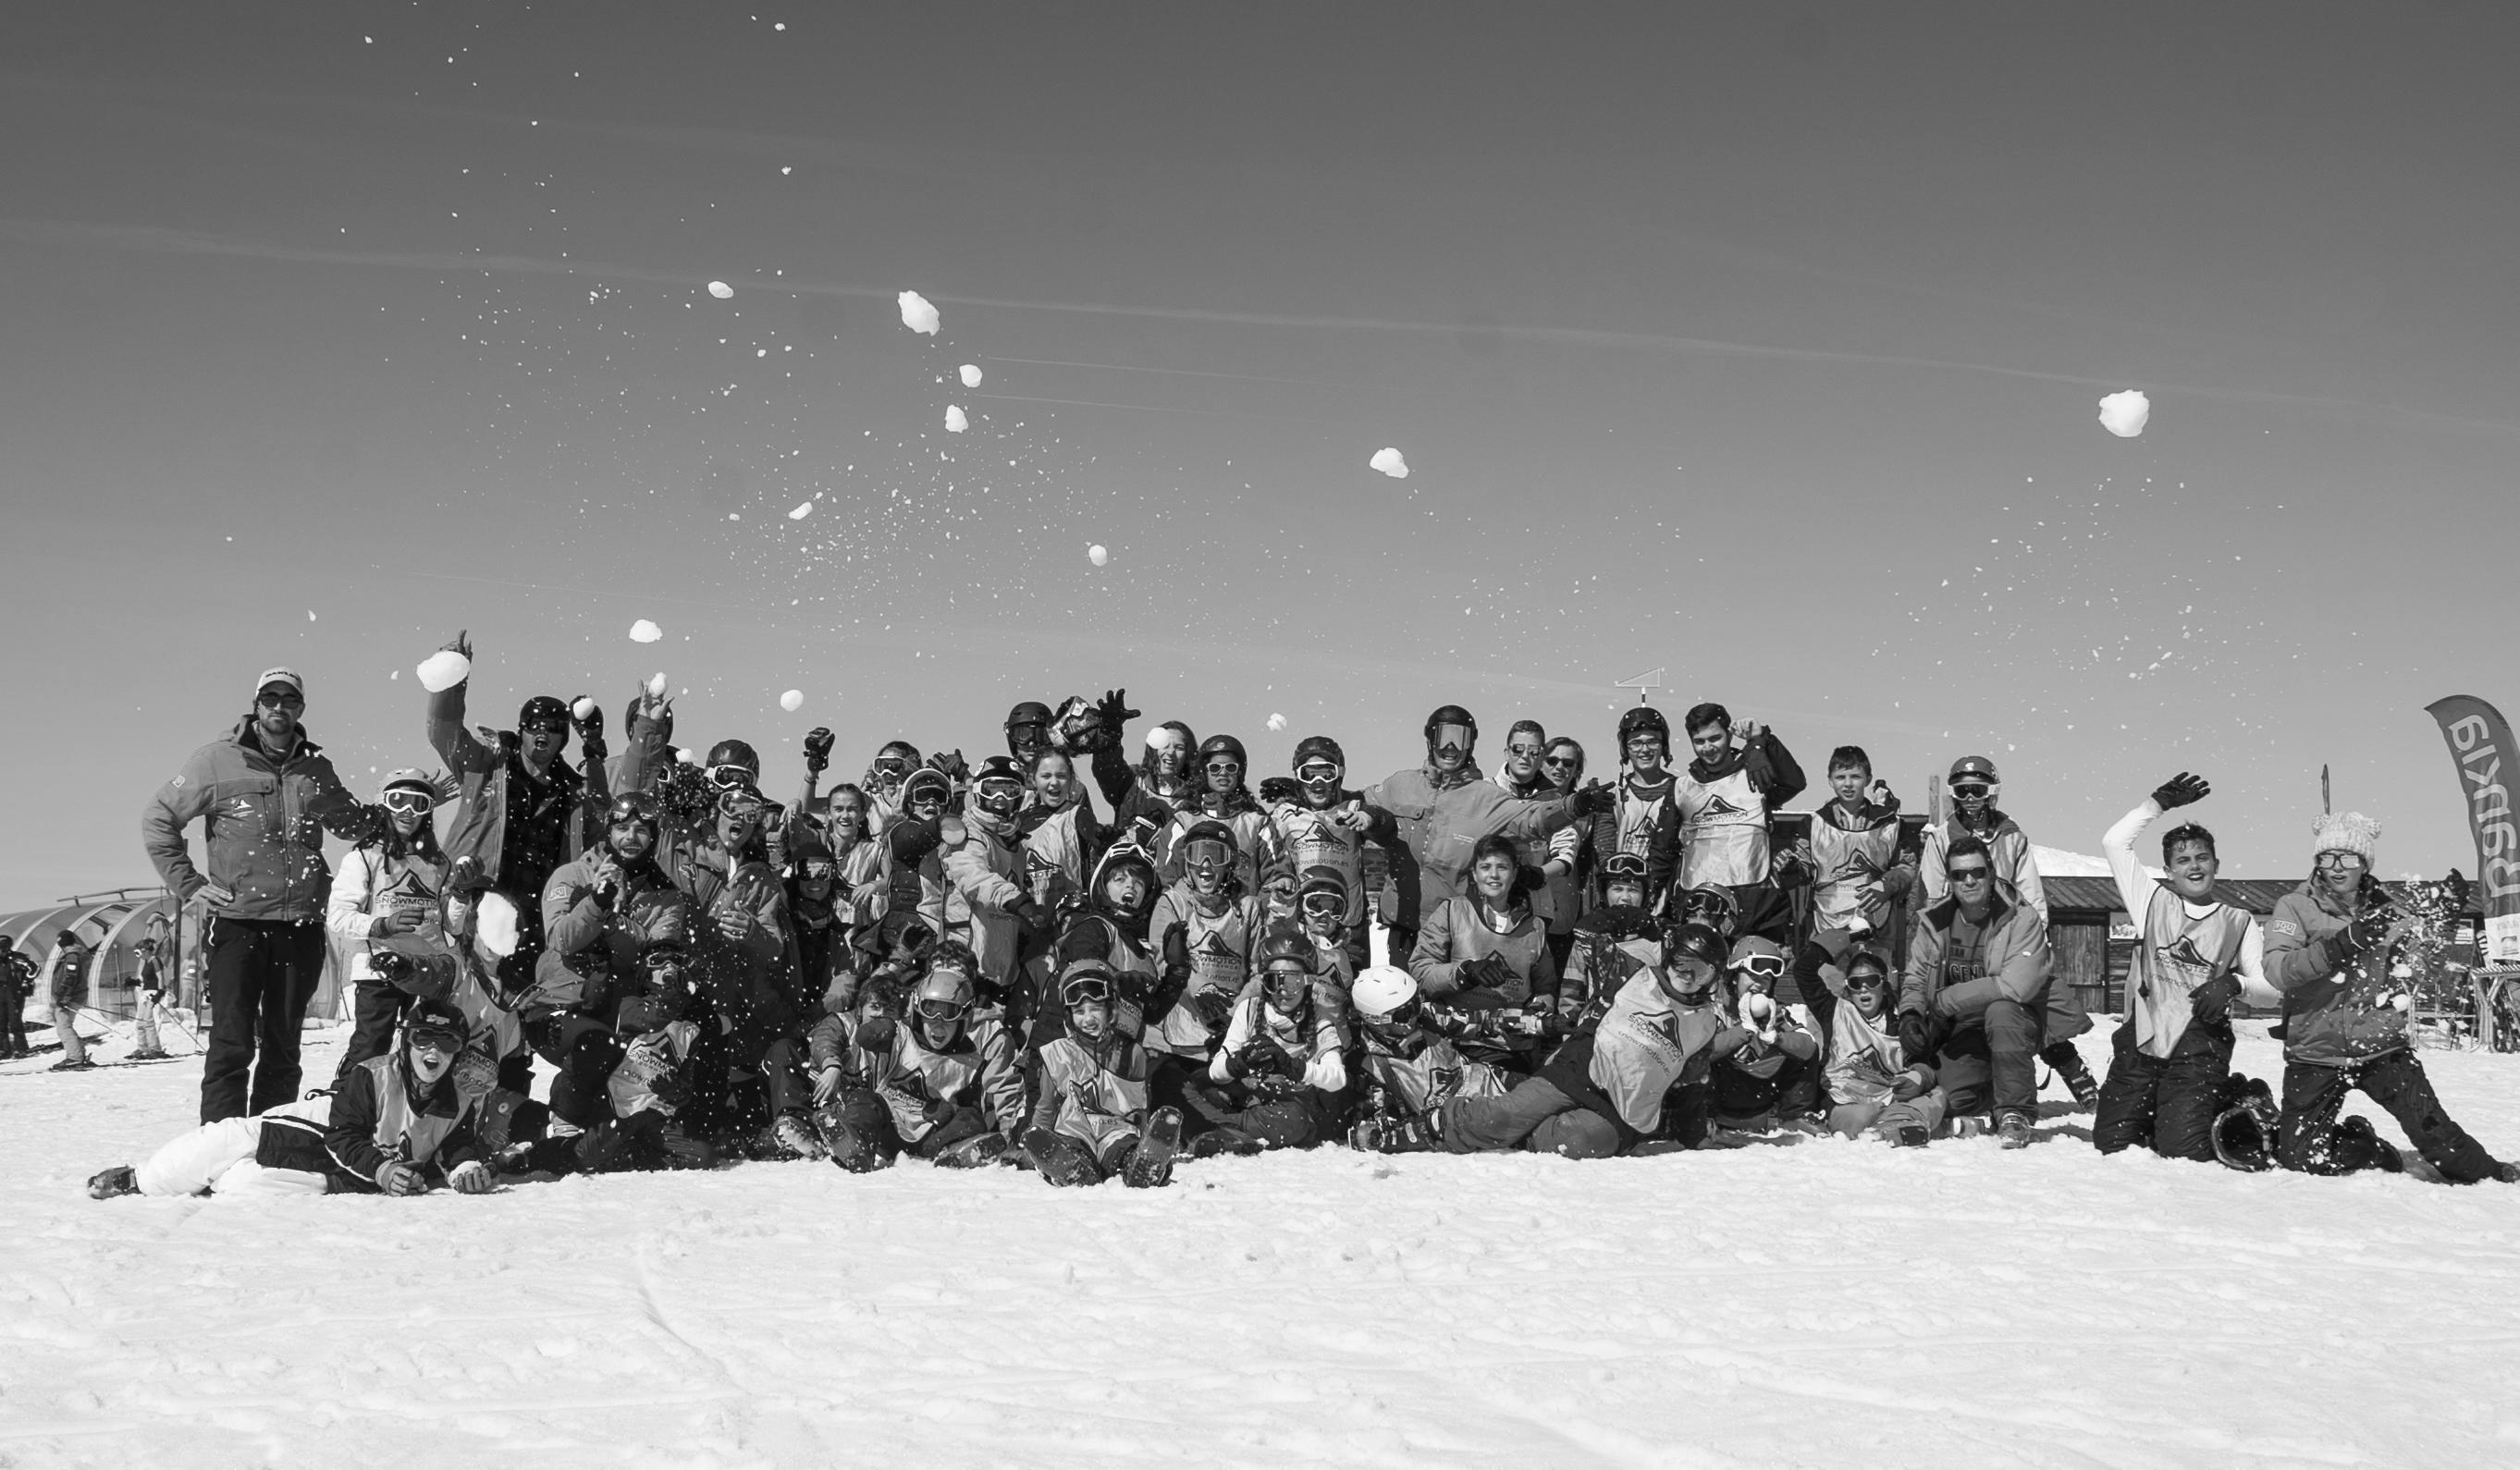 Campamento de Semana Blanca en Sierra Nevada 2020 - 24, 25, 26 y 27 de Febrero 2020